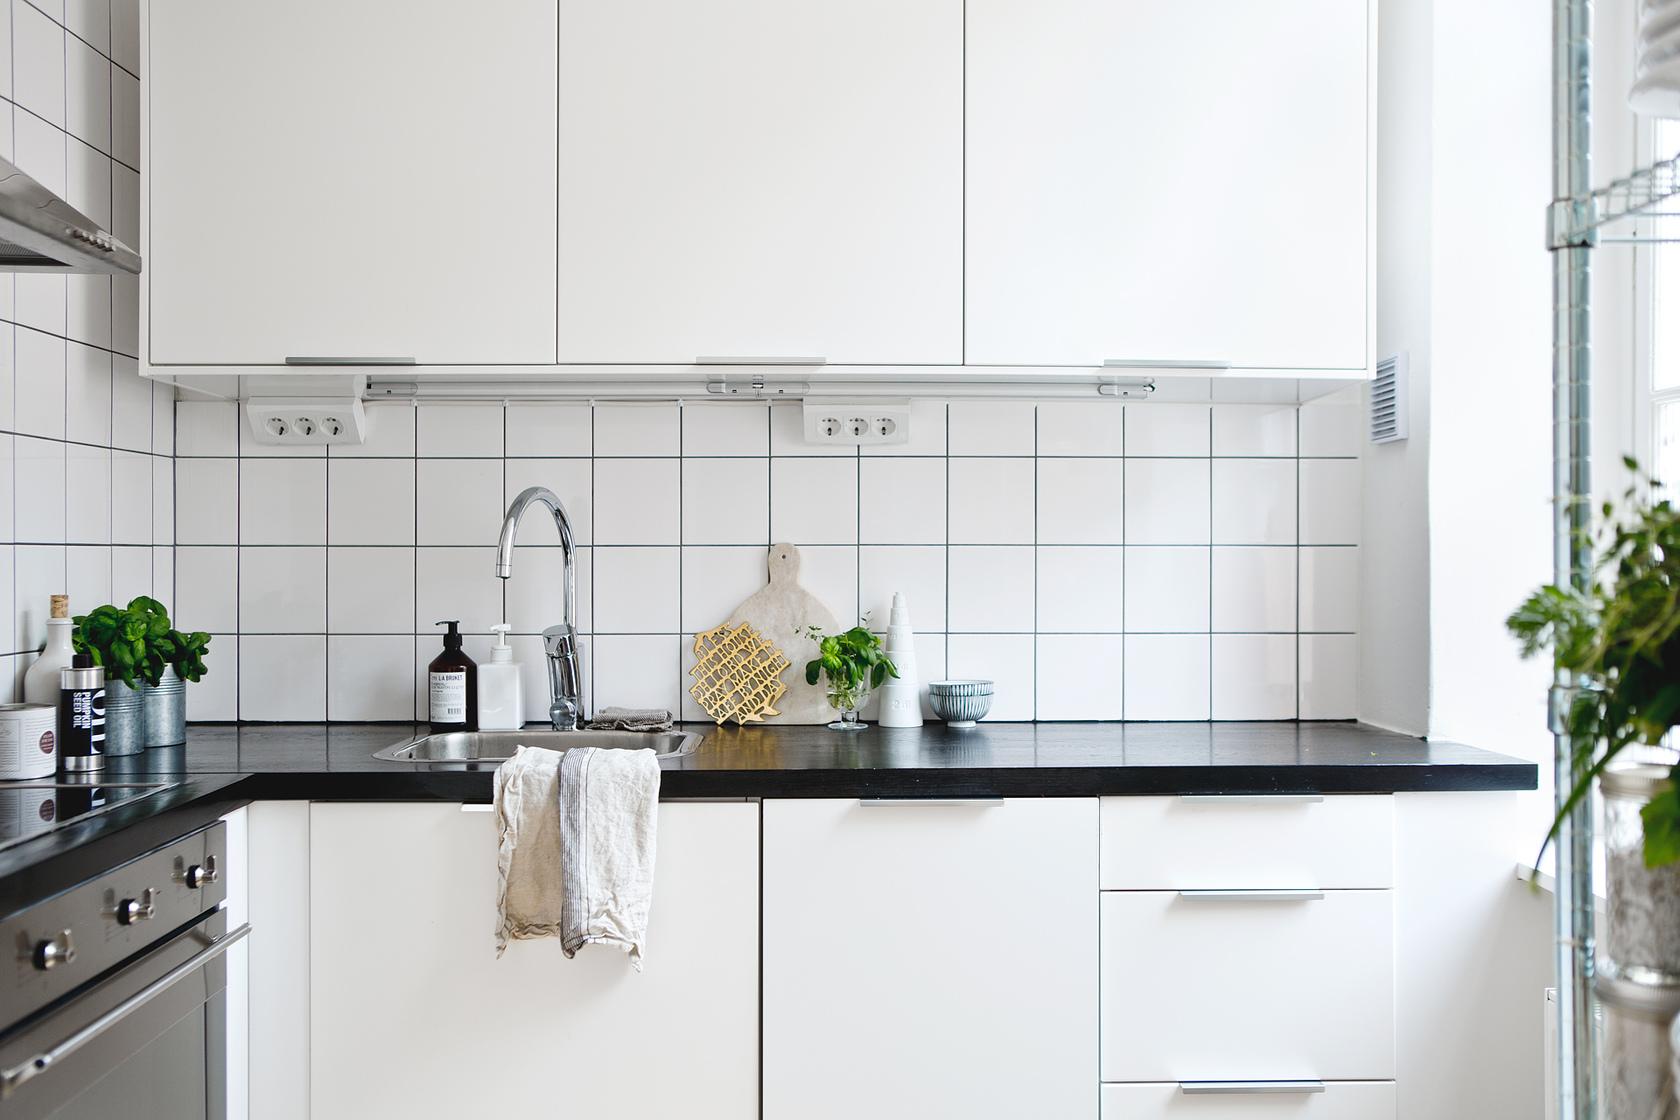 简约 三居 小资 白领 新房装修 婚房 90后 北欧风格 装修案例 厨房图片来自成都图美家装饰在简约北欧风格装修案例的分享